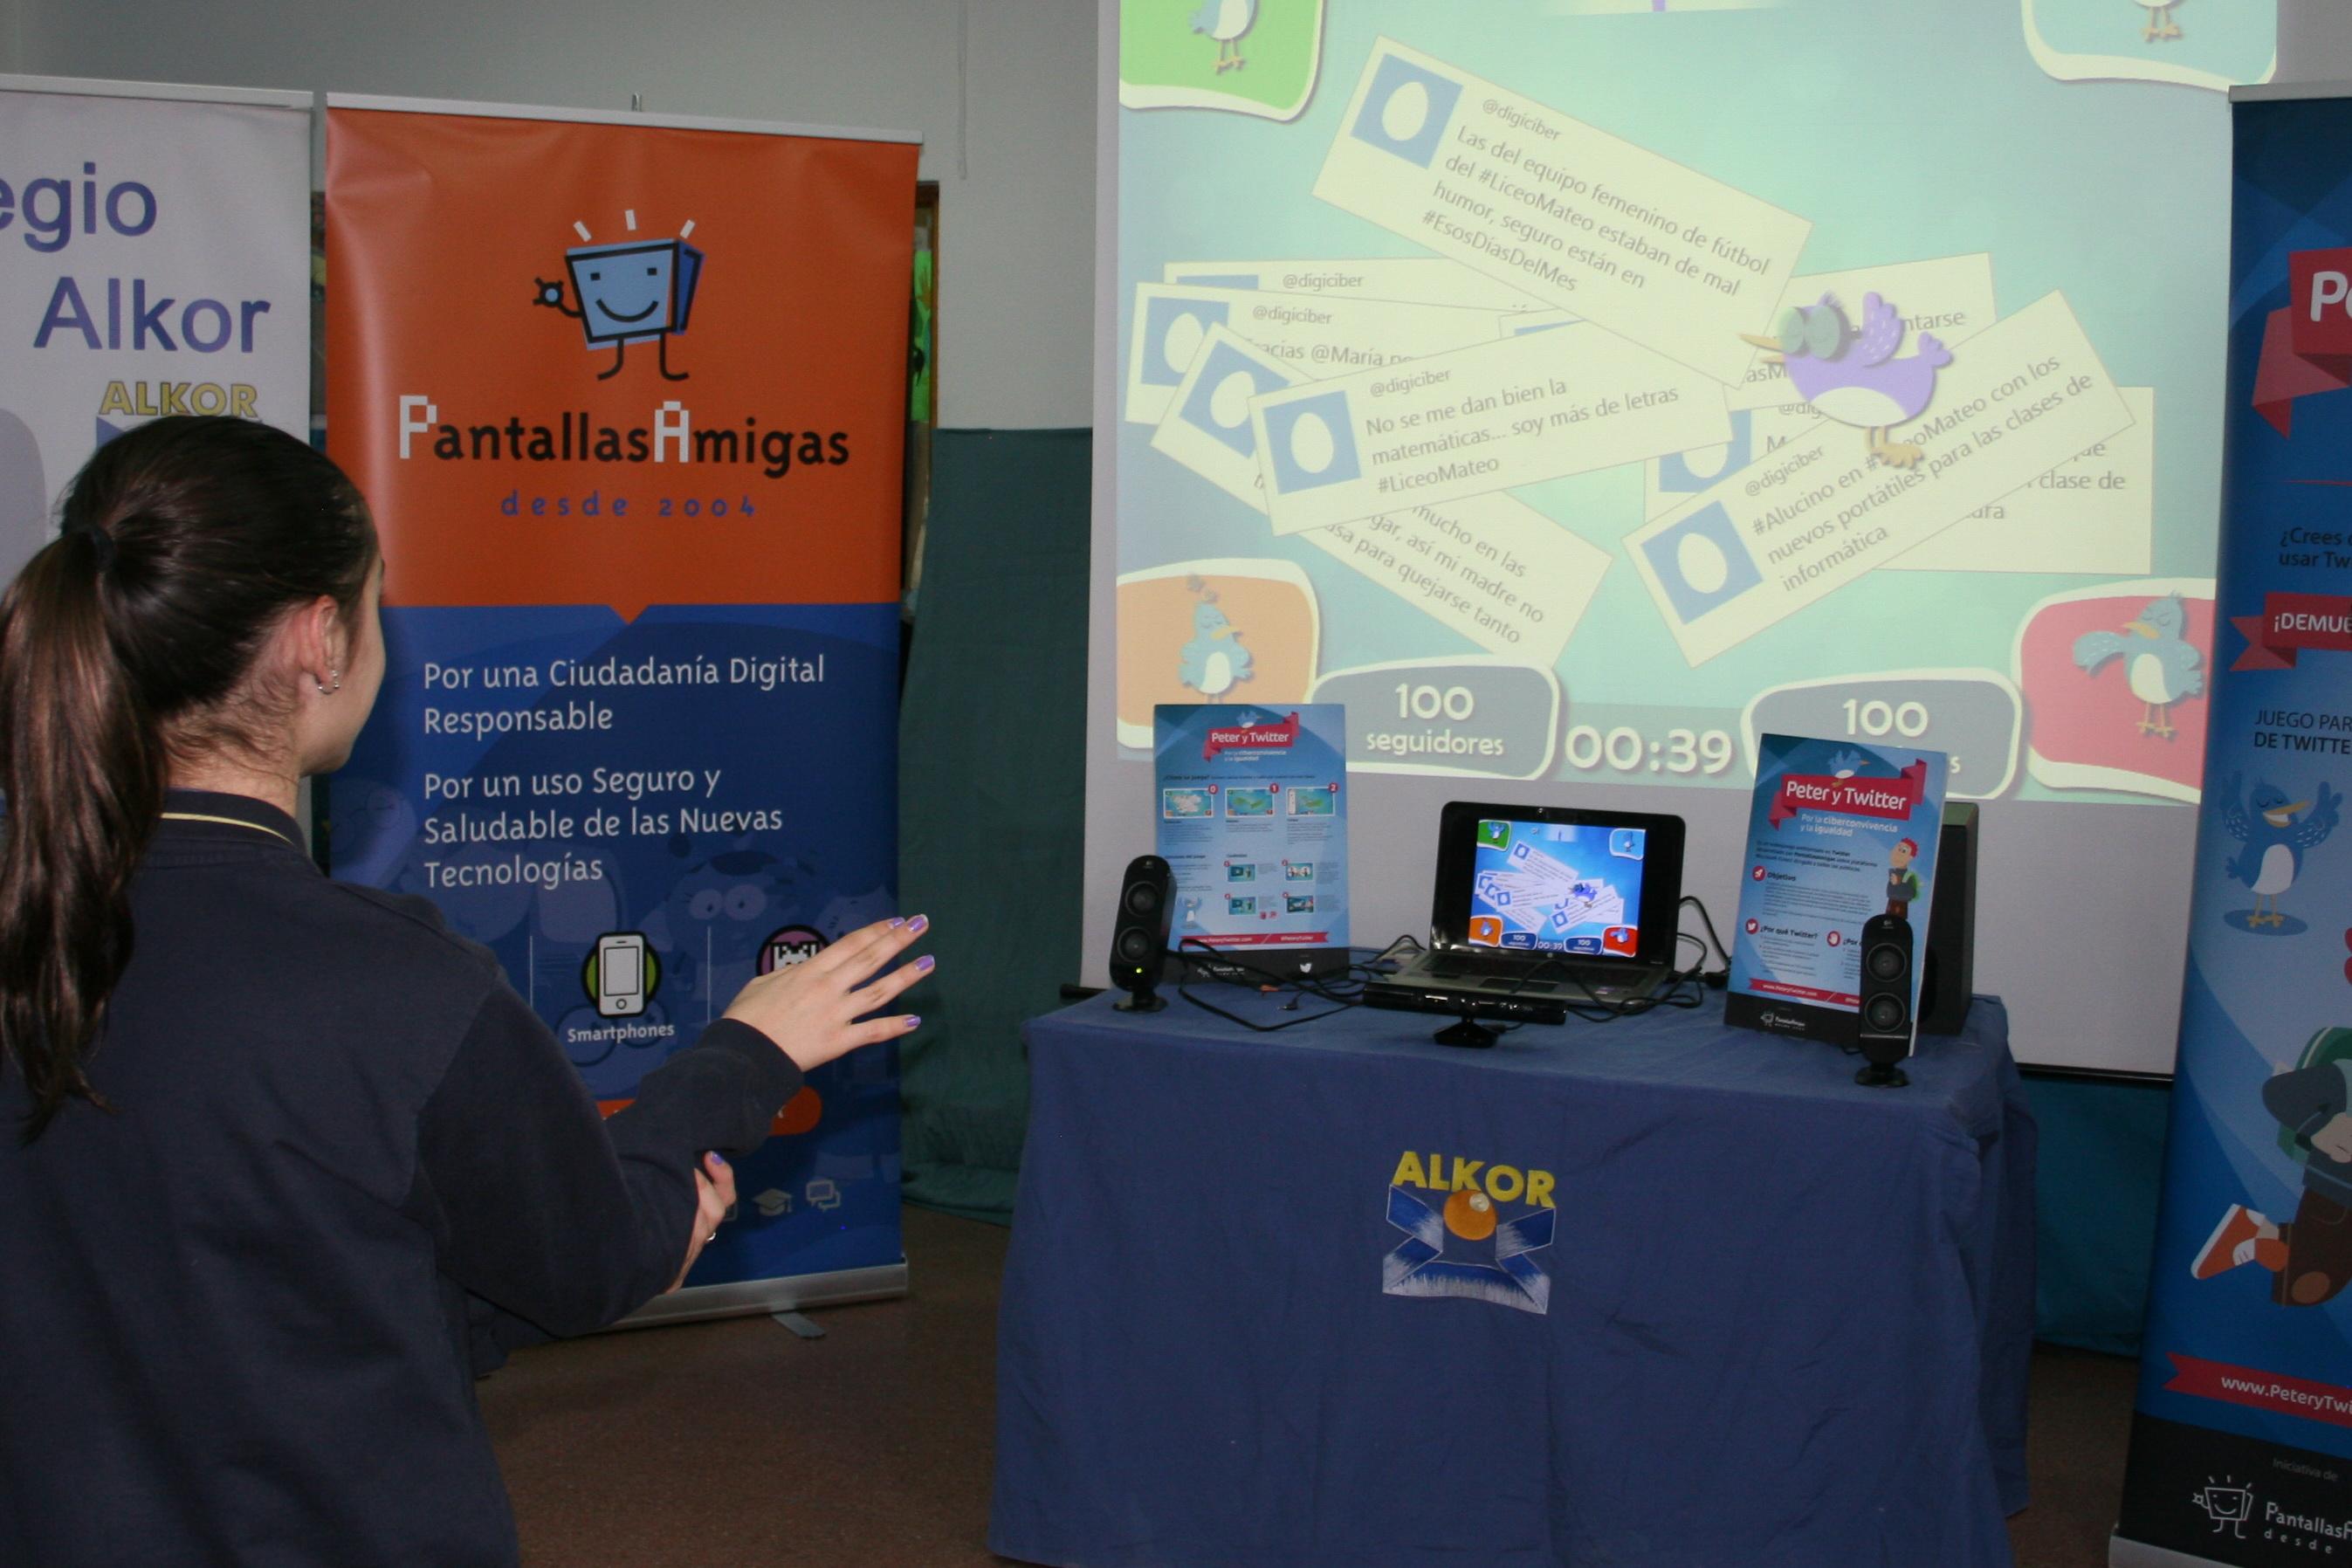 Kinect safer internet gaming Alkor